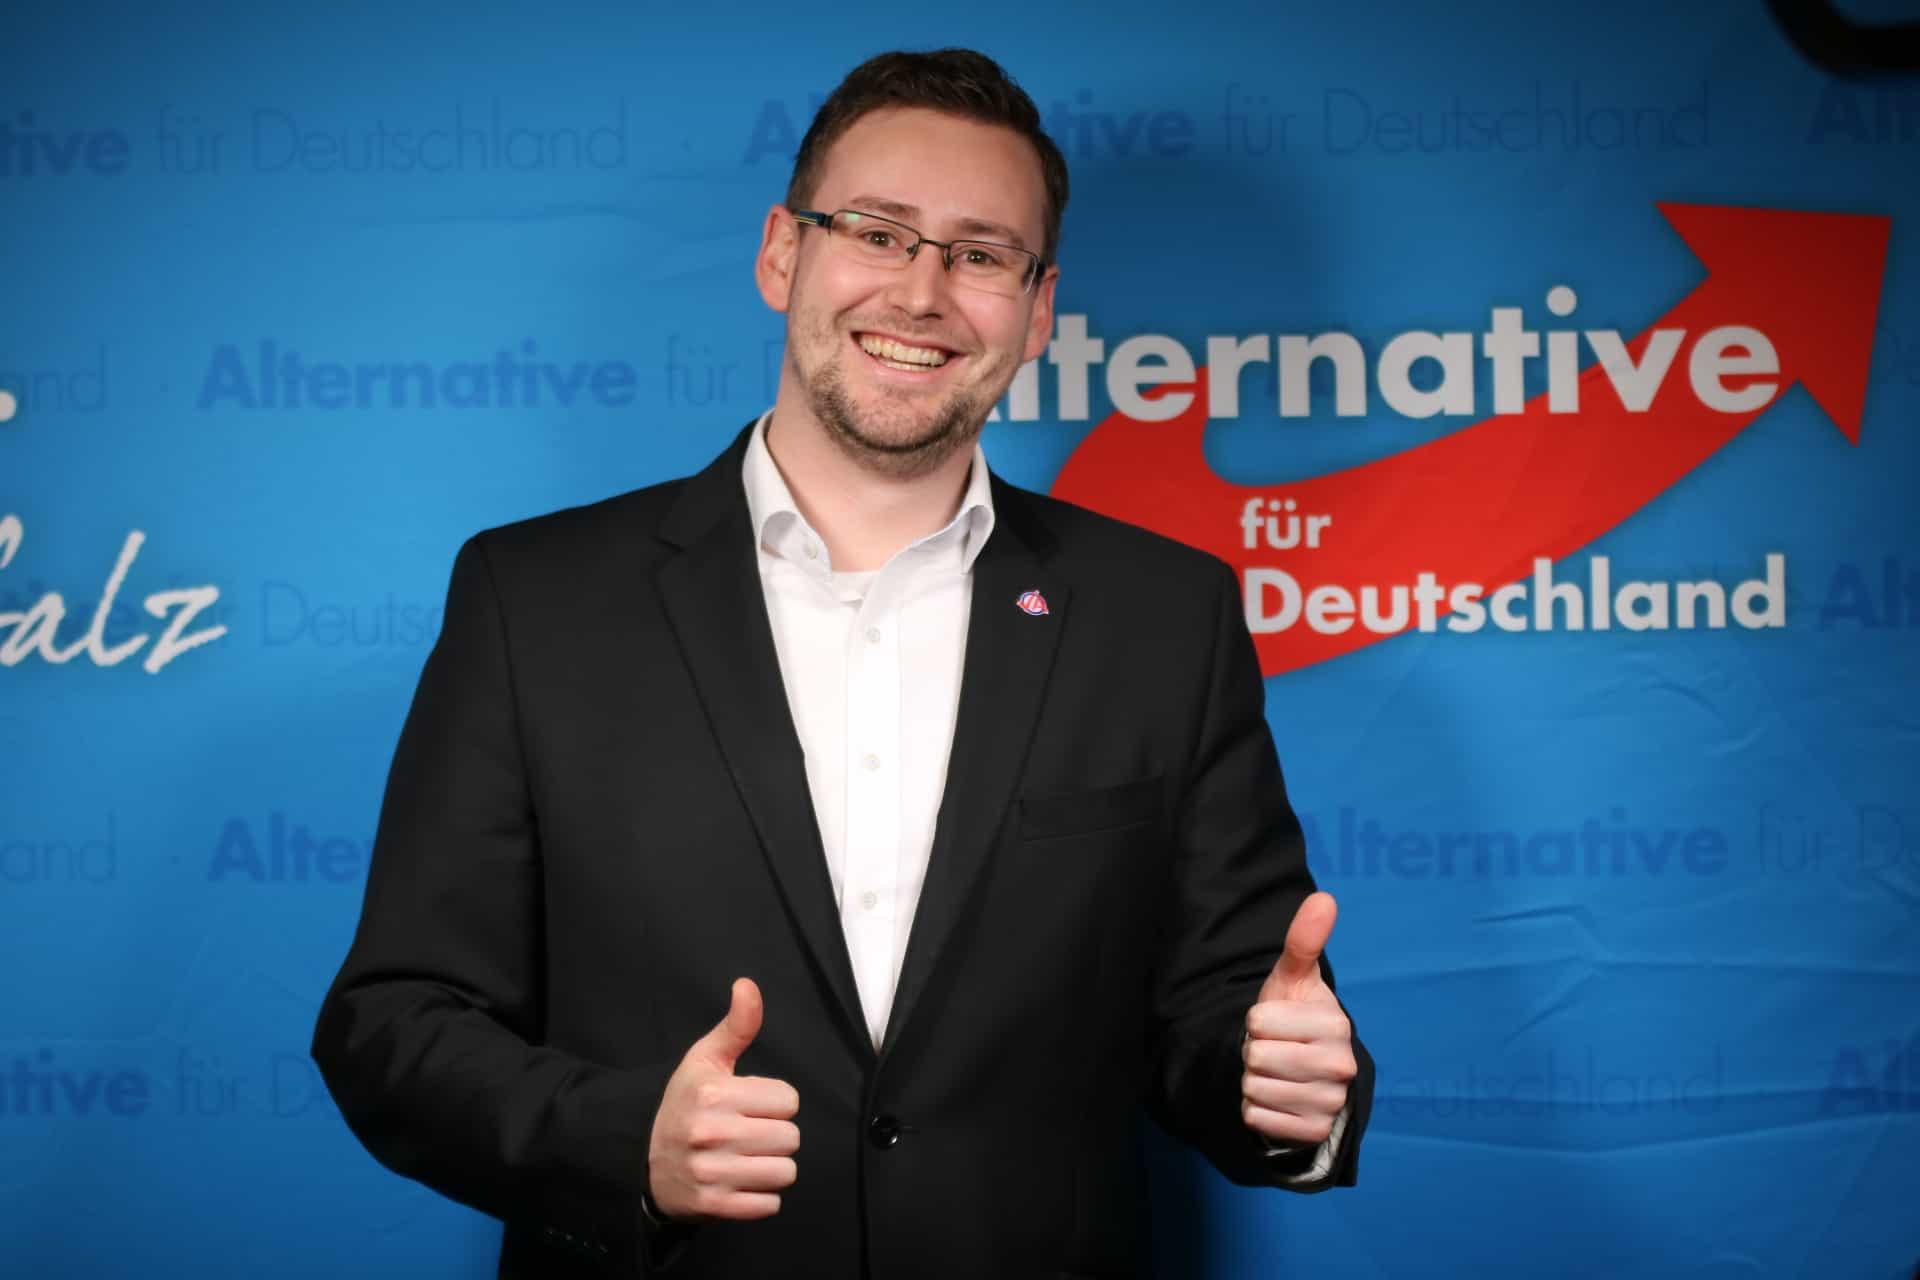 Mainzer AfD wählt neuen Vorstand – Sebastian Münzenmaier im Amt bestätigt